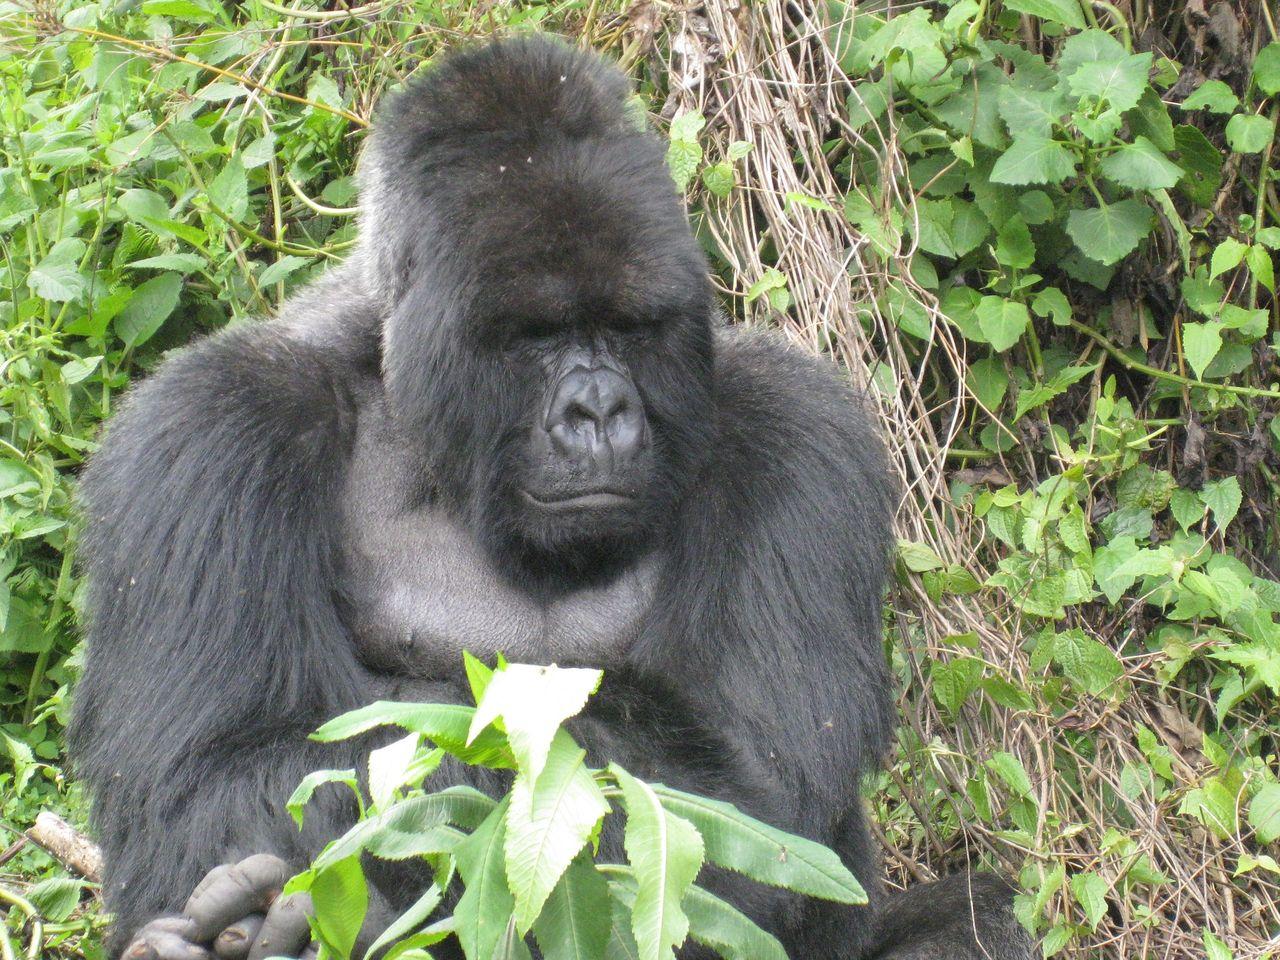 Tjuvjägare som sköt sällsynt gorilla får elva års fängelse